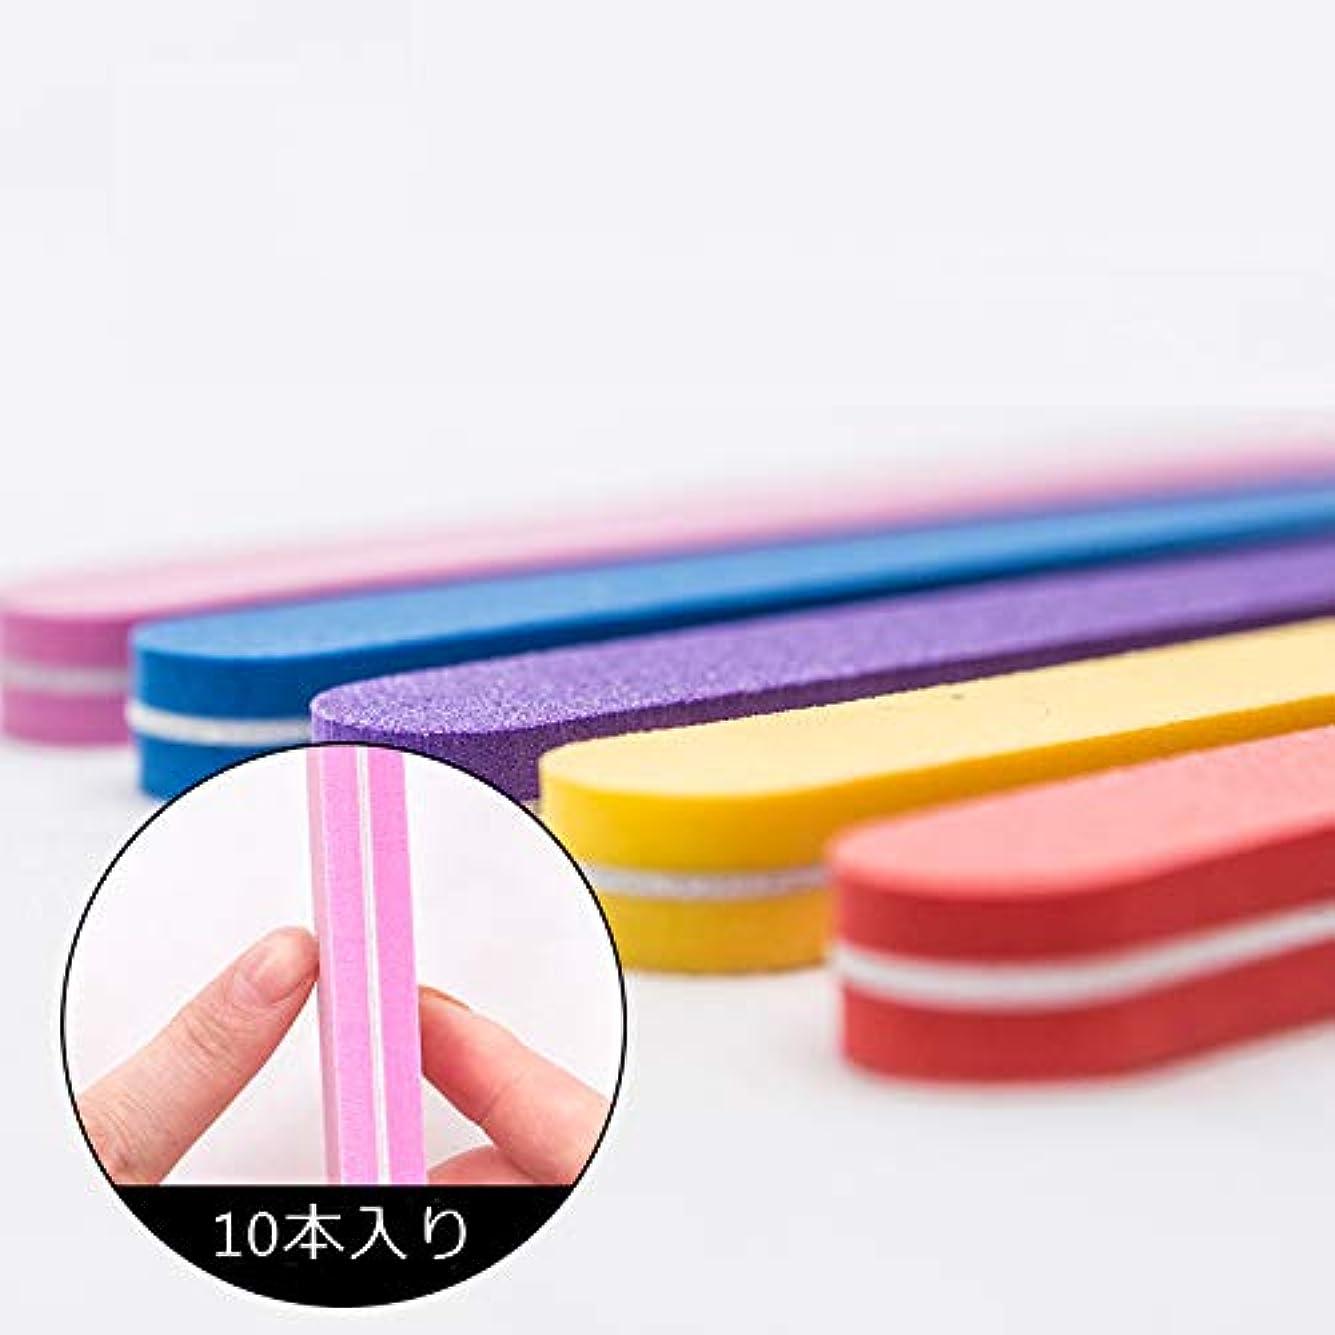 パンサー出席する日付付き爪やすり スポンジ 爪磨き 両面タイプ ネイルツール ネイルファイル プロ仕様 10本 5色